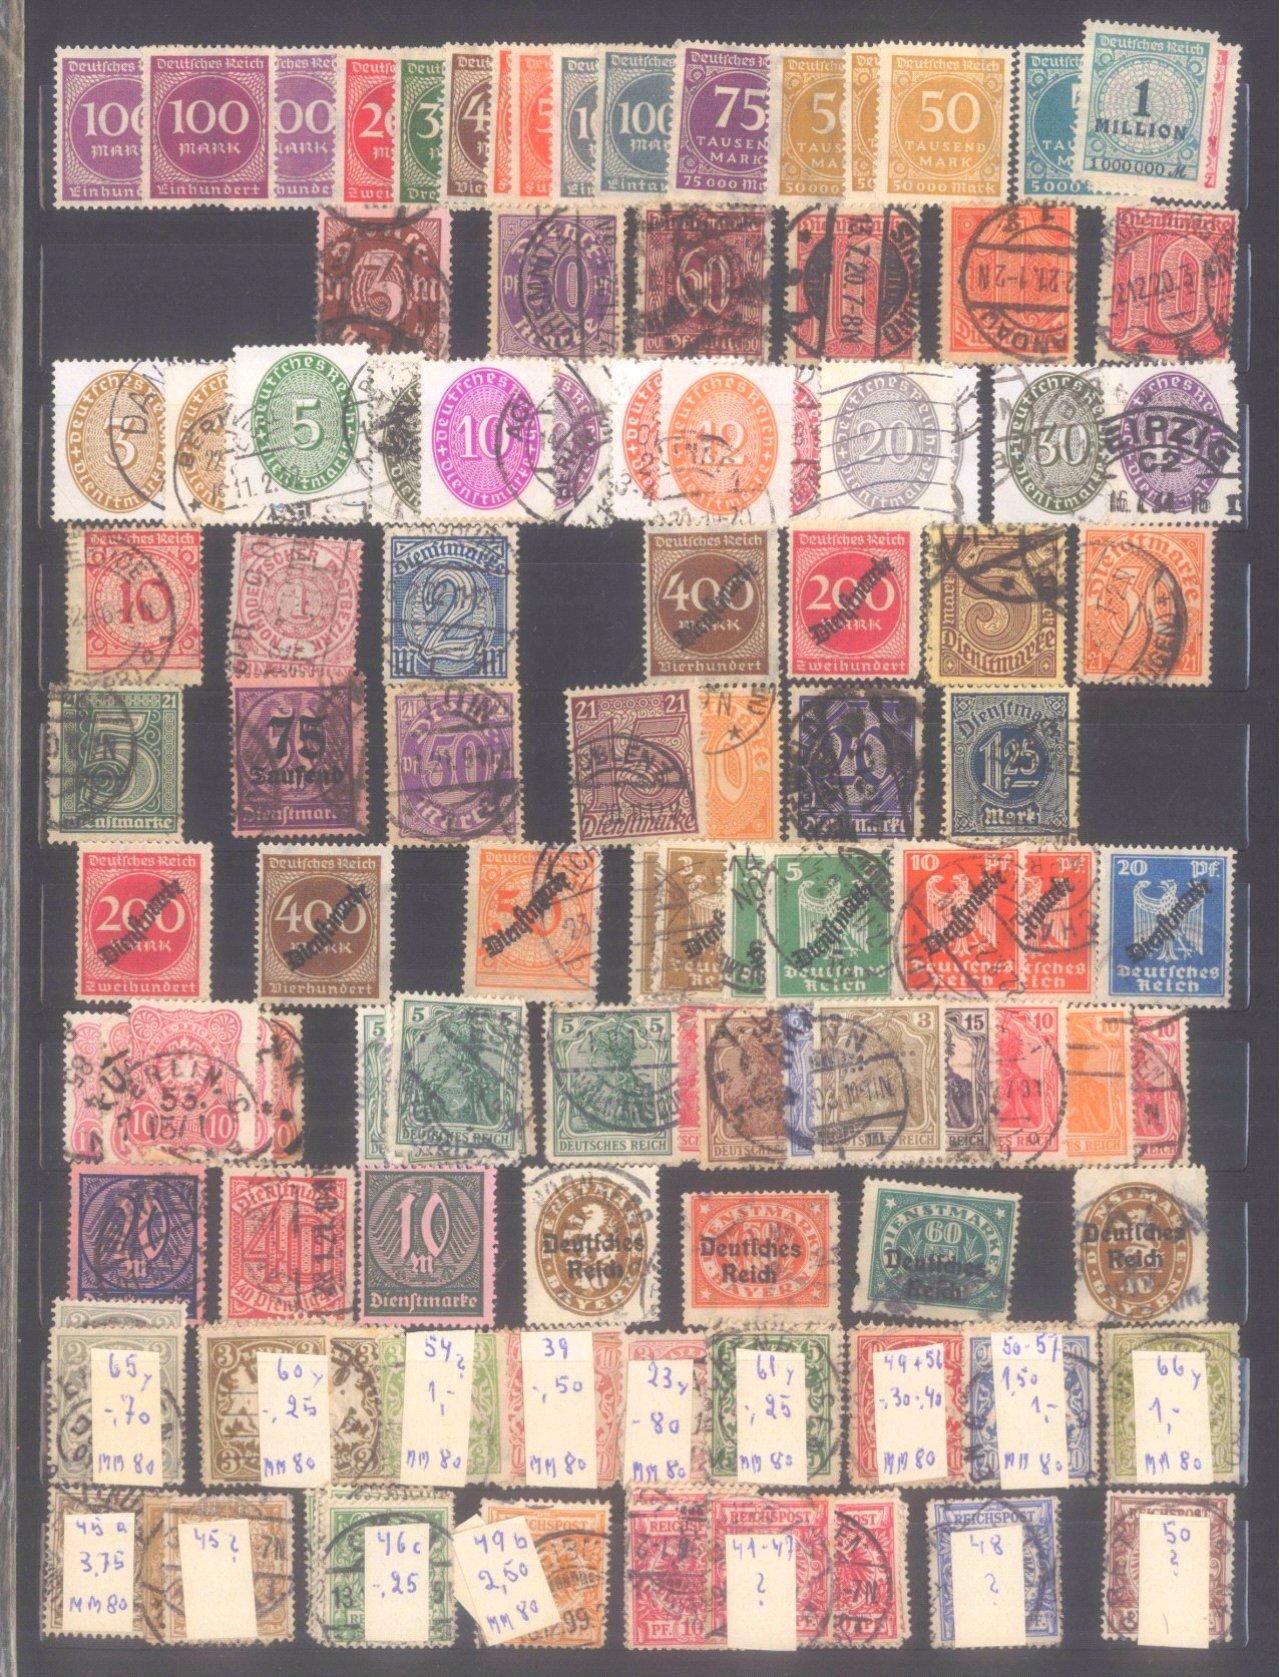 Mannheimer Briefmarkennachlass-23